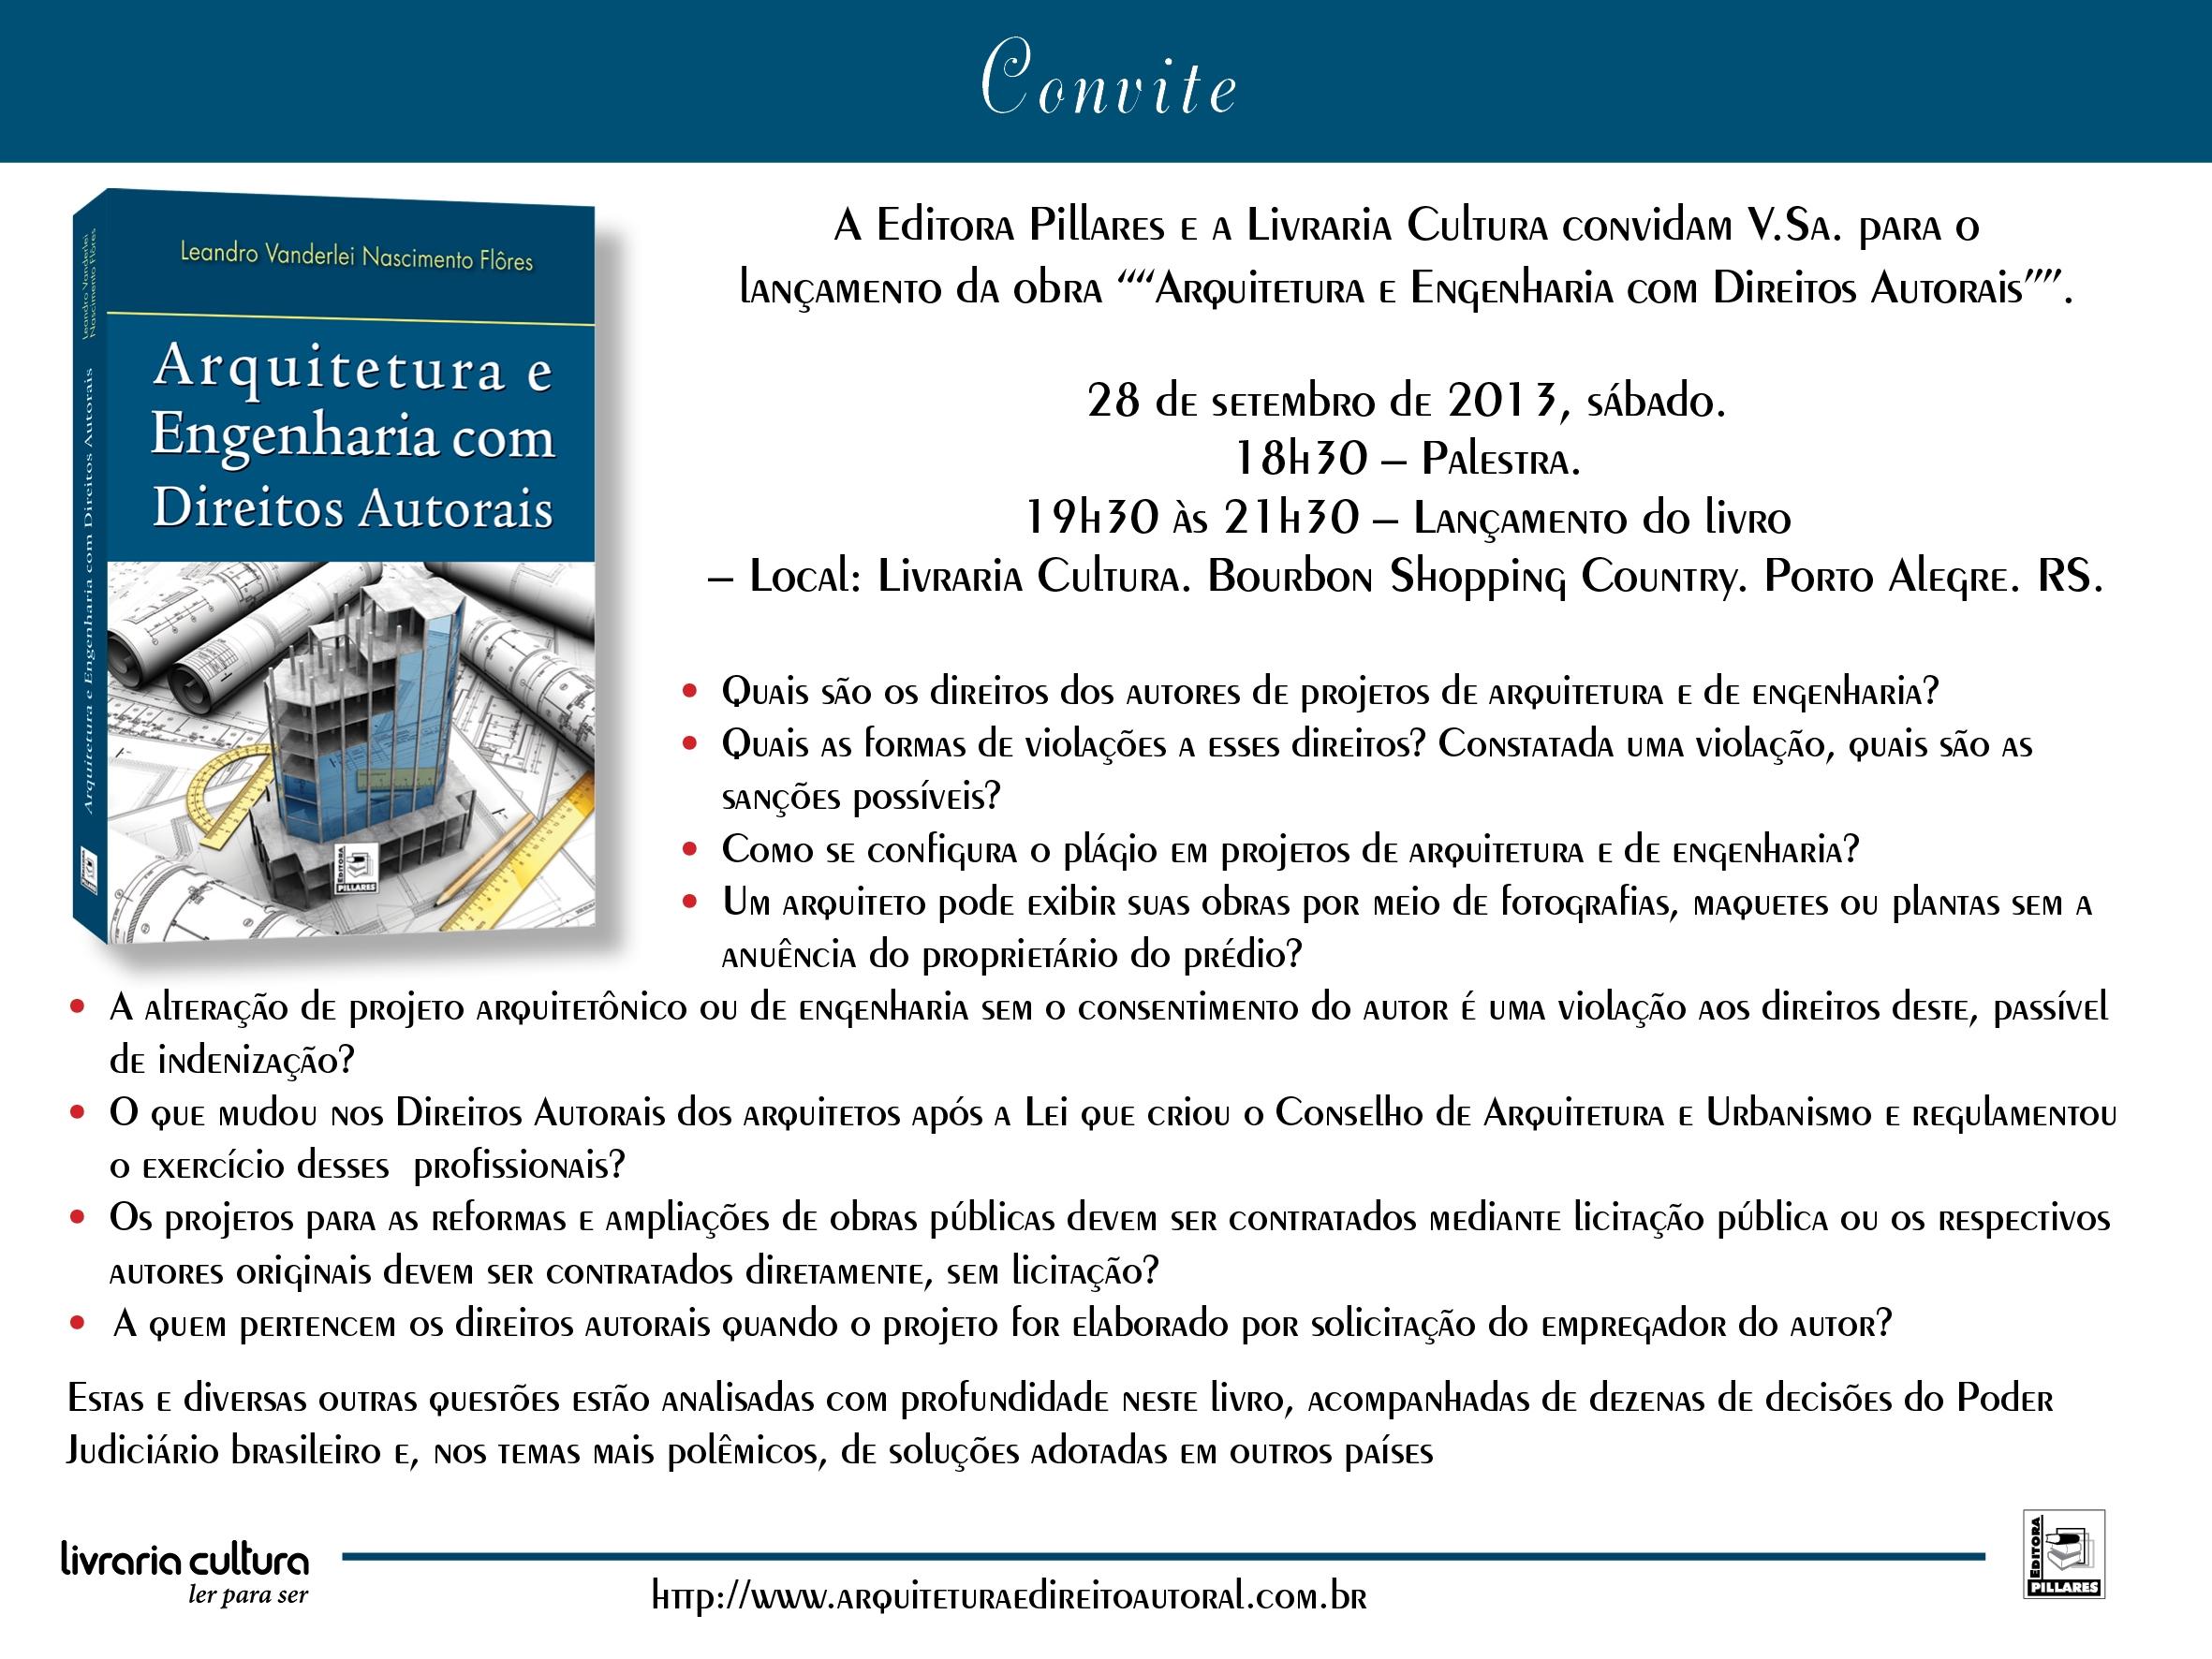 Arquitetura e engenharia com direitos autortais_convite_PoA